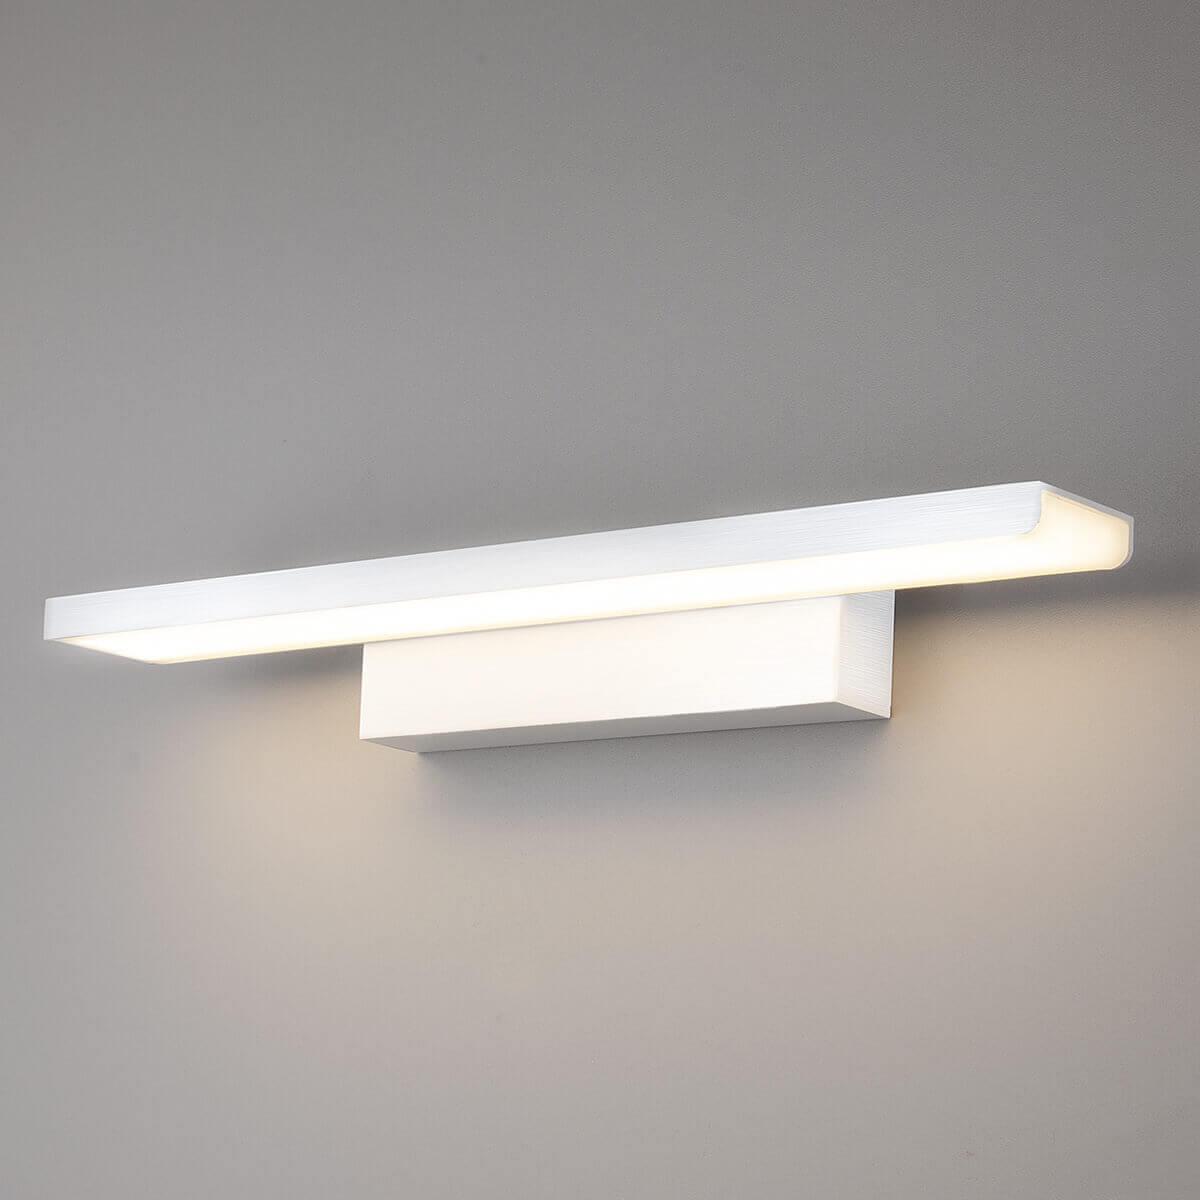 Подсветка для картин Elektrostandard Sankara LED 16W 1009 IP20 белая 4690389106125 цена и фото